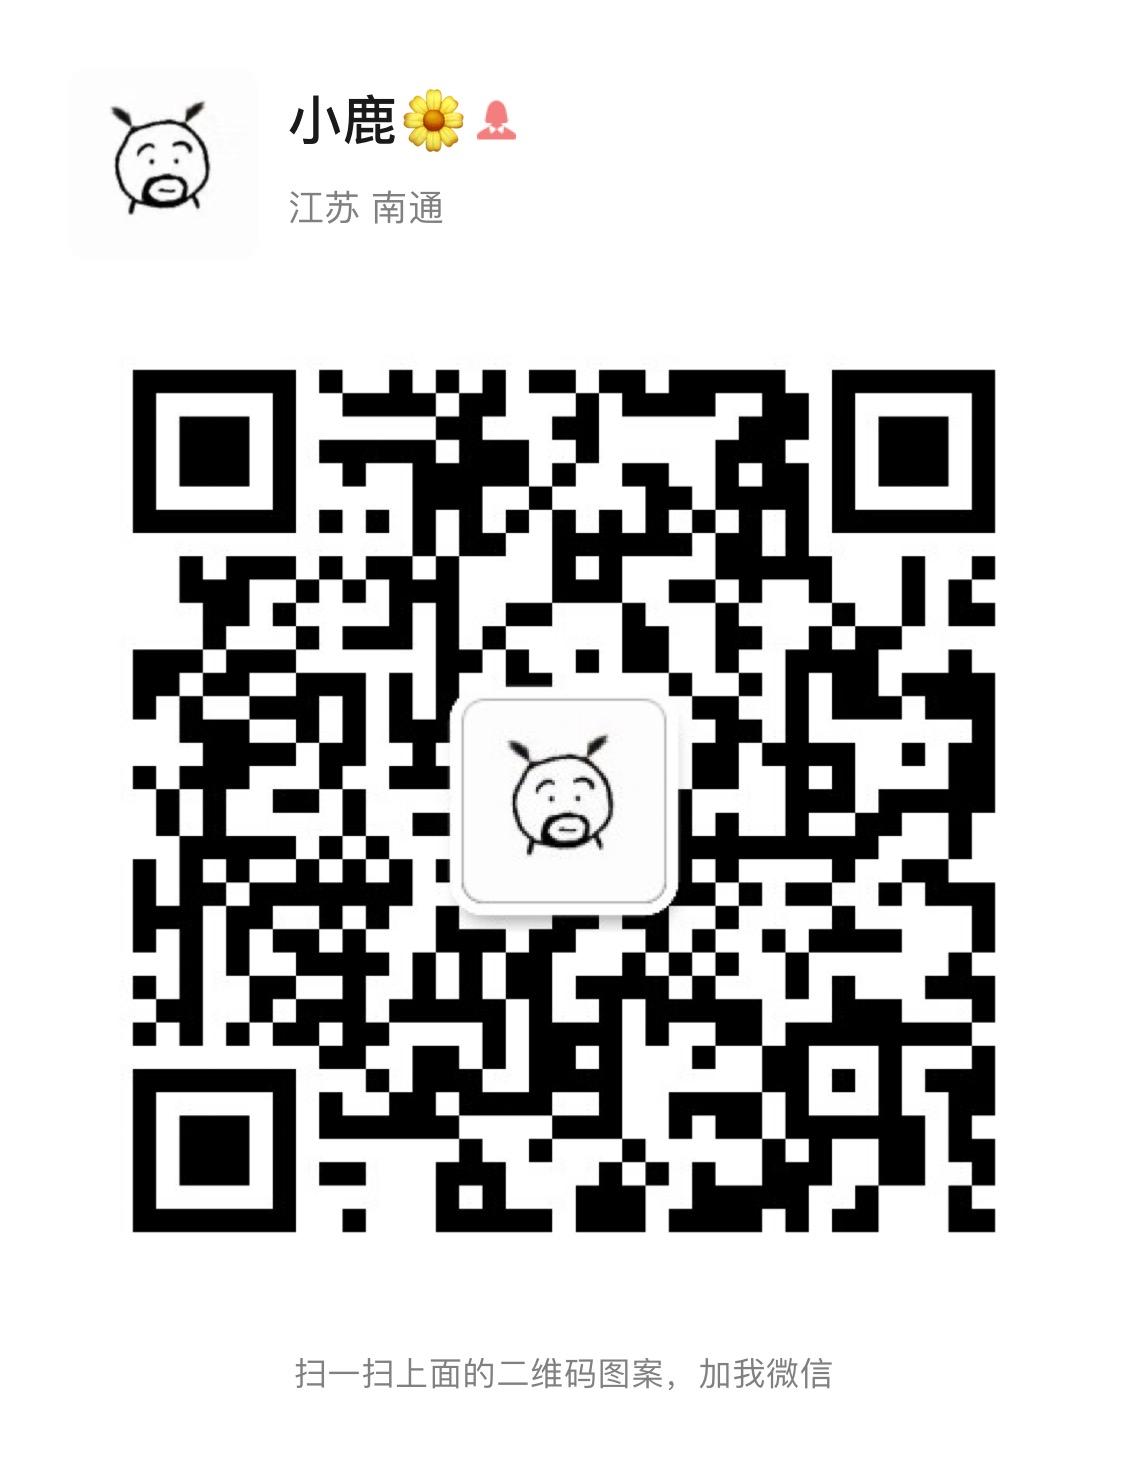 江苏砺彩砂品新材料有限公司